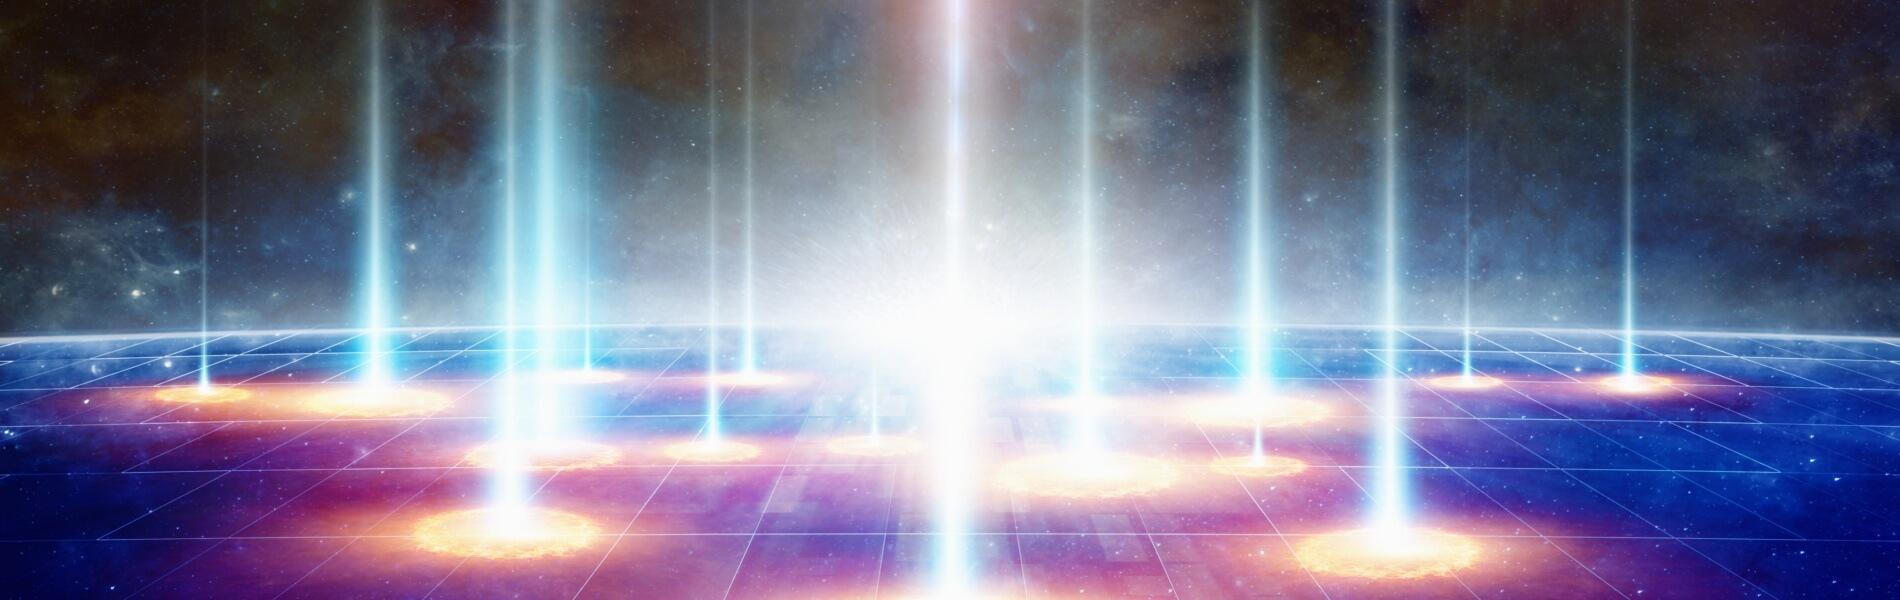 Beamen oder Teleportation: Können Logistiker von der Quantenphysik profitieren?